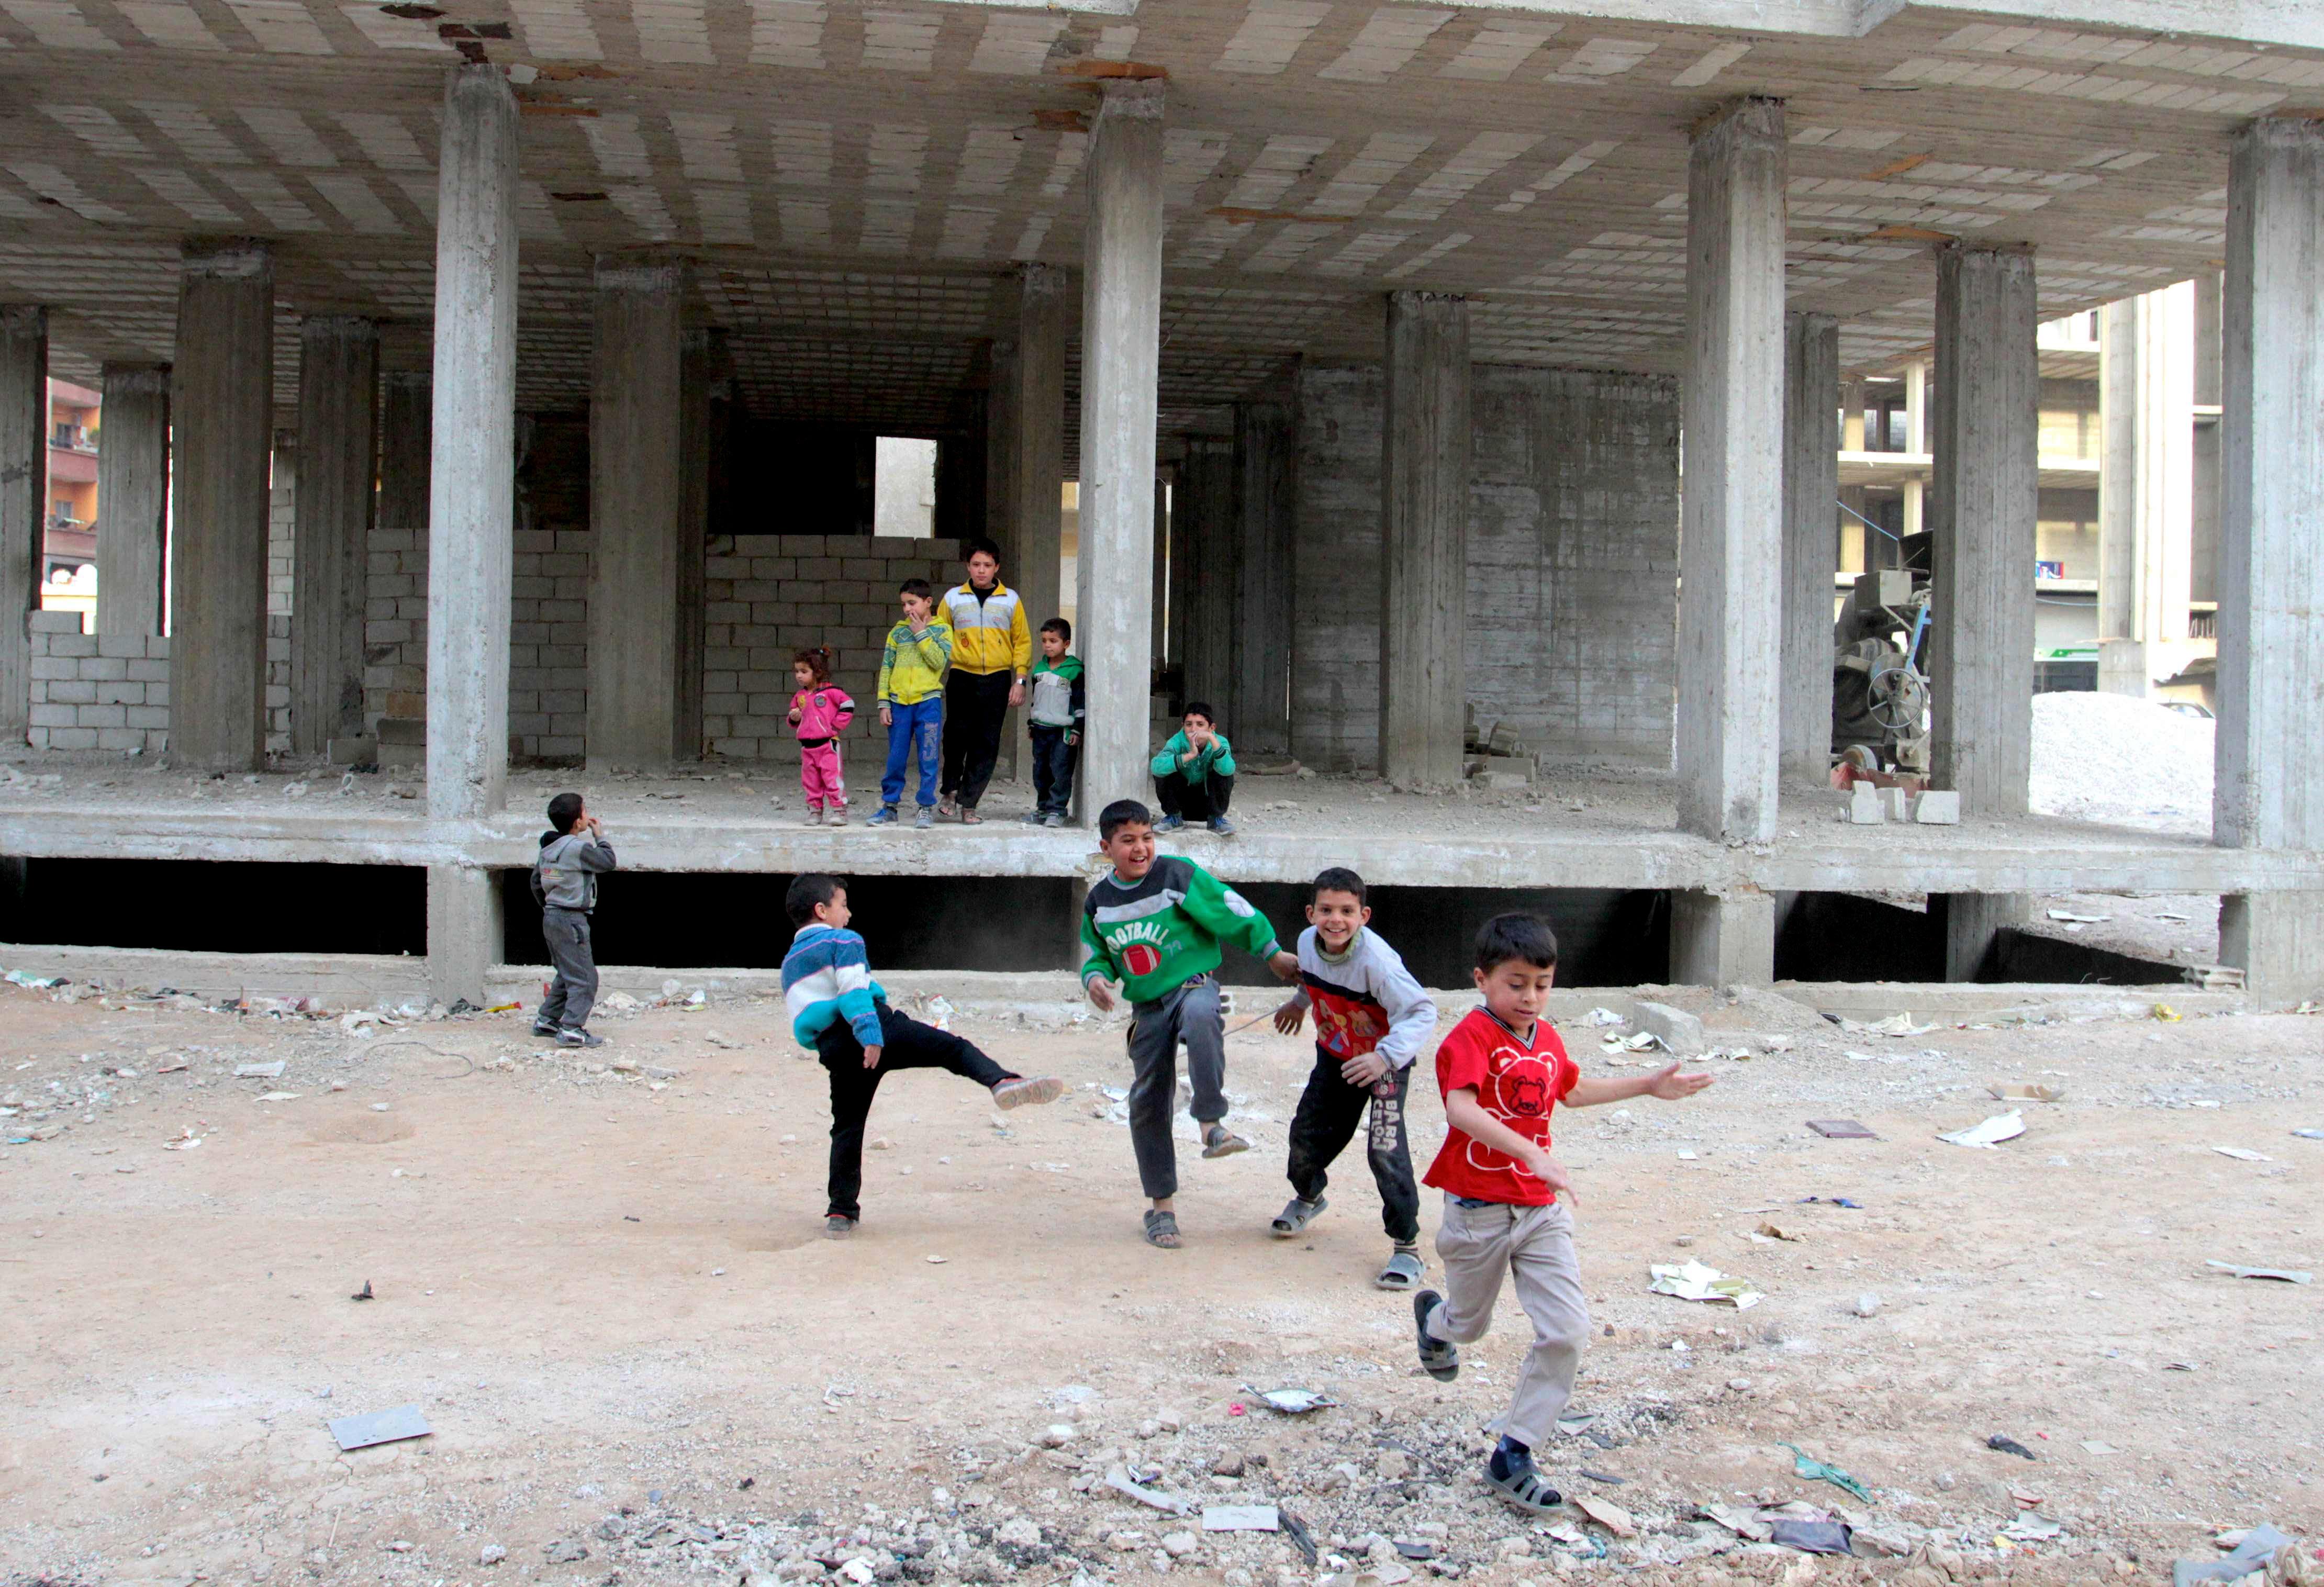 18 millones de niños sin acceso a educación — Unicef